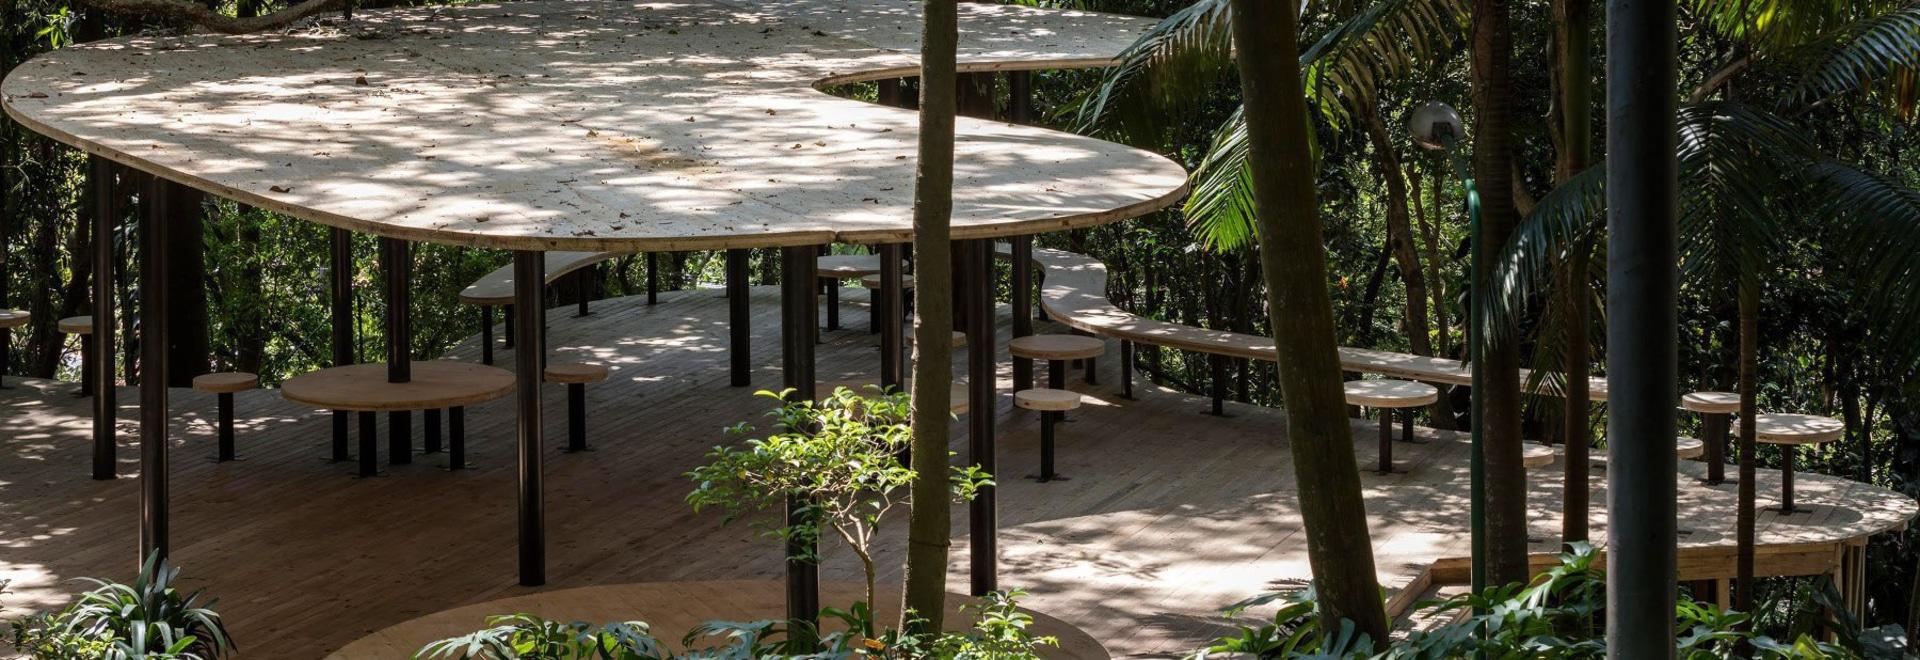 casa de vidro' de los bardi de Lina BO 'da la bienvenida al pabellón del verano por camacho del solenoide